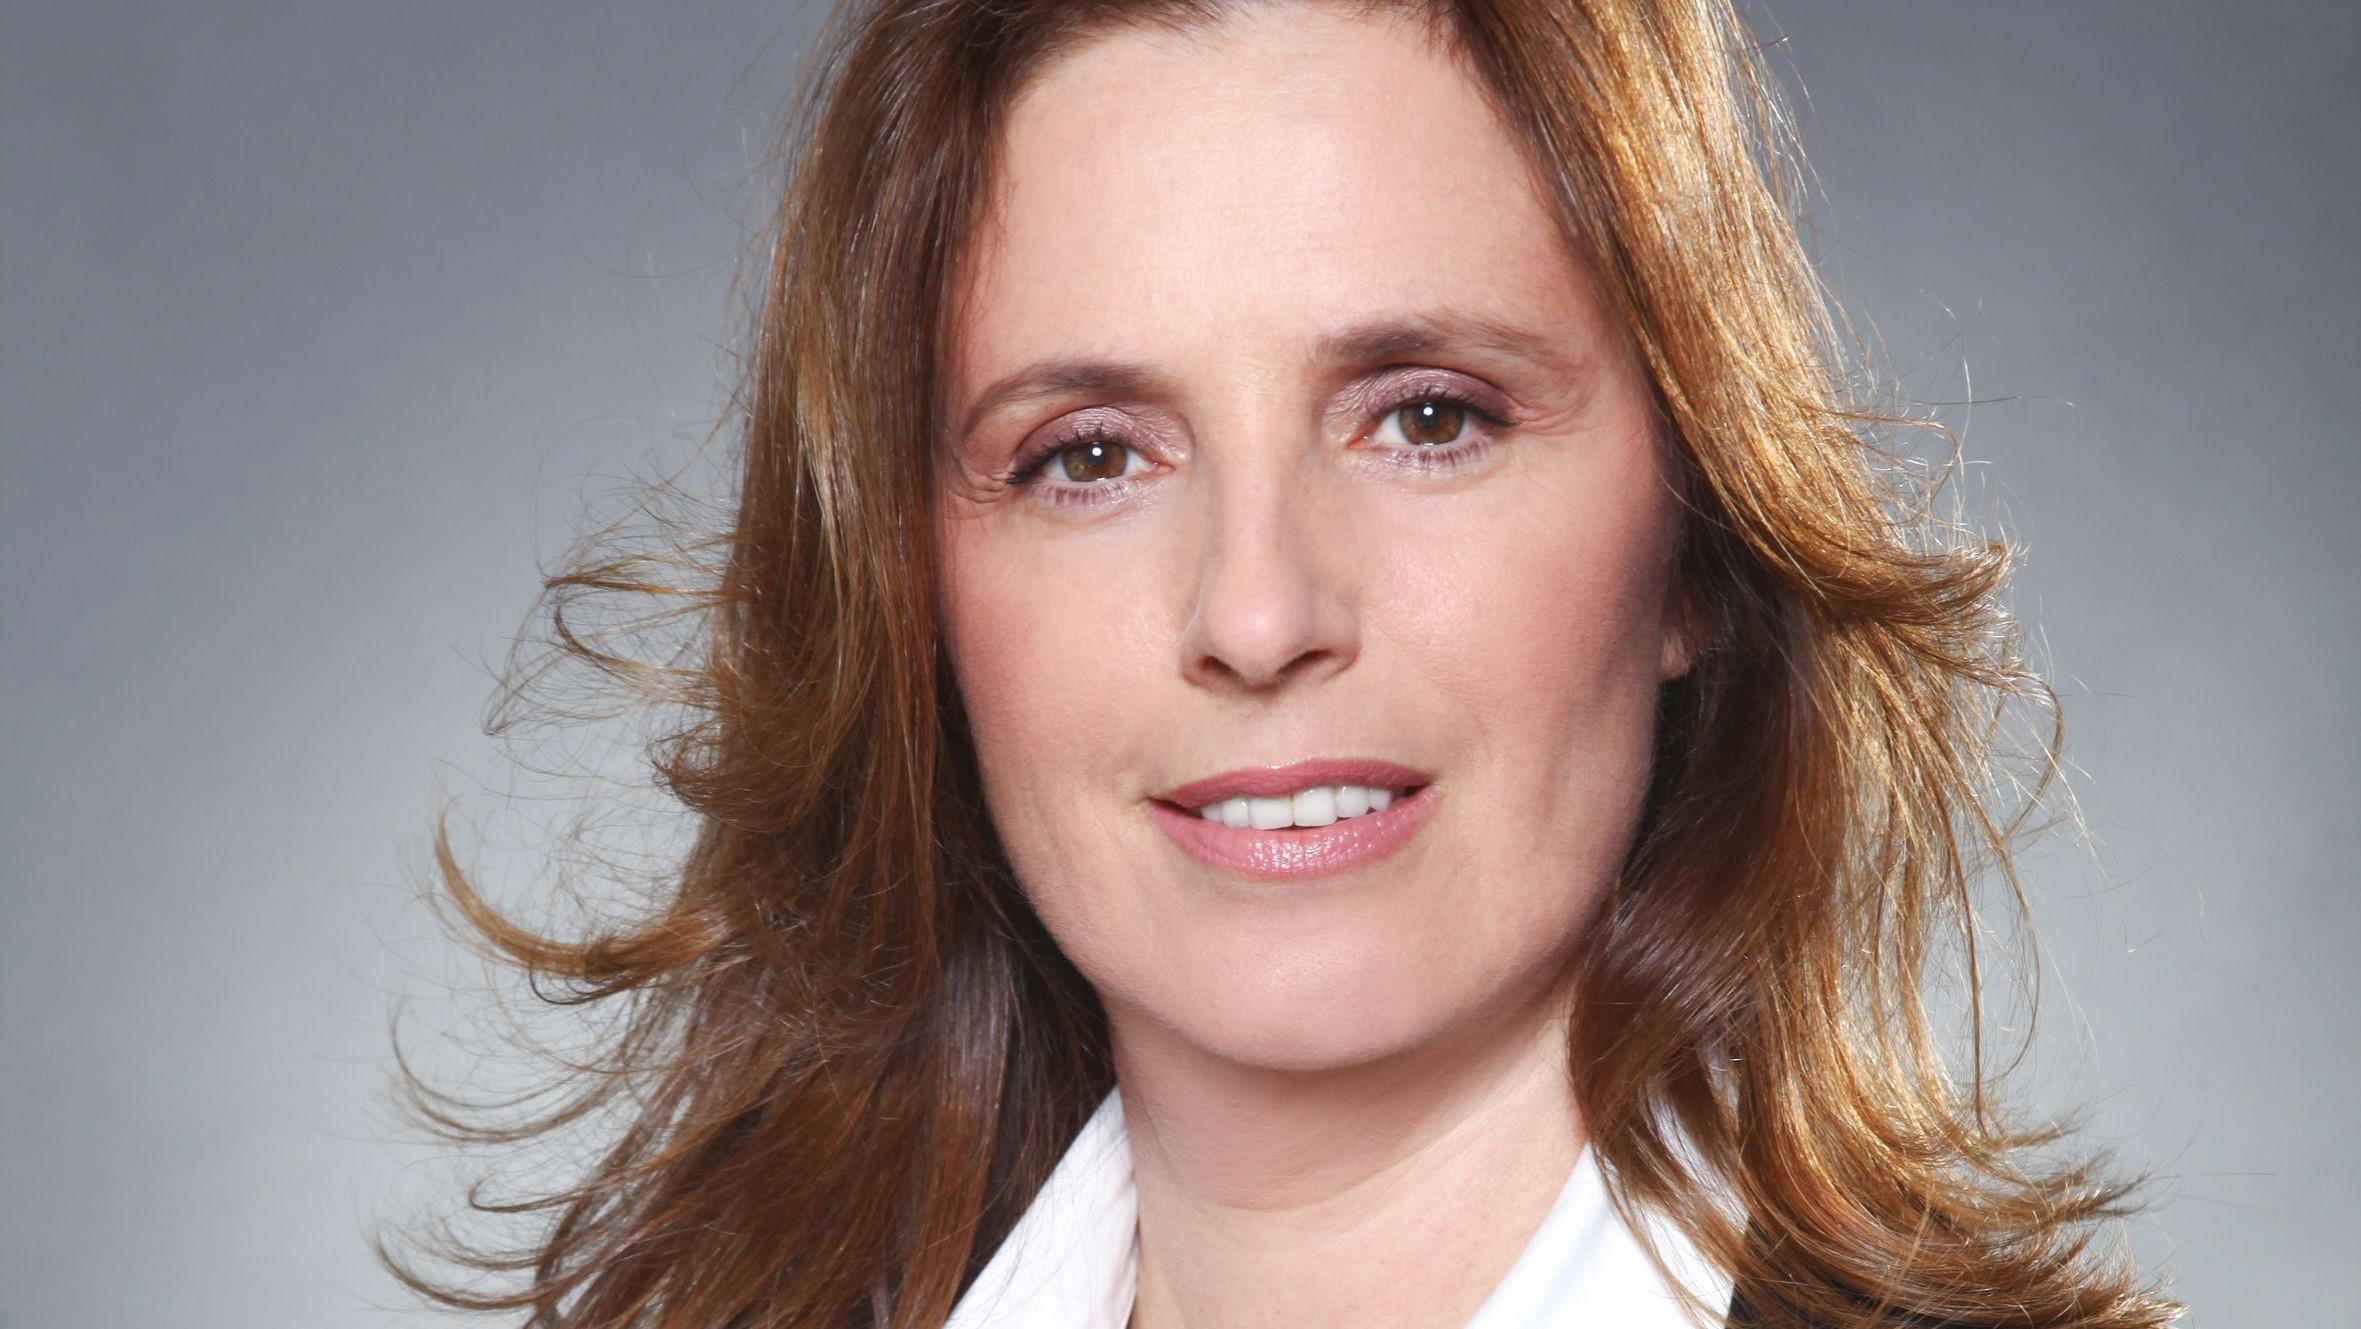 אילנה בר ממגדל נבחרה ליועצת משפטית מהמובילות בישראל על ידי חברת הדירוג צ'יימברס אנד פרטנרס